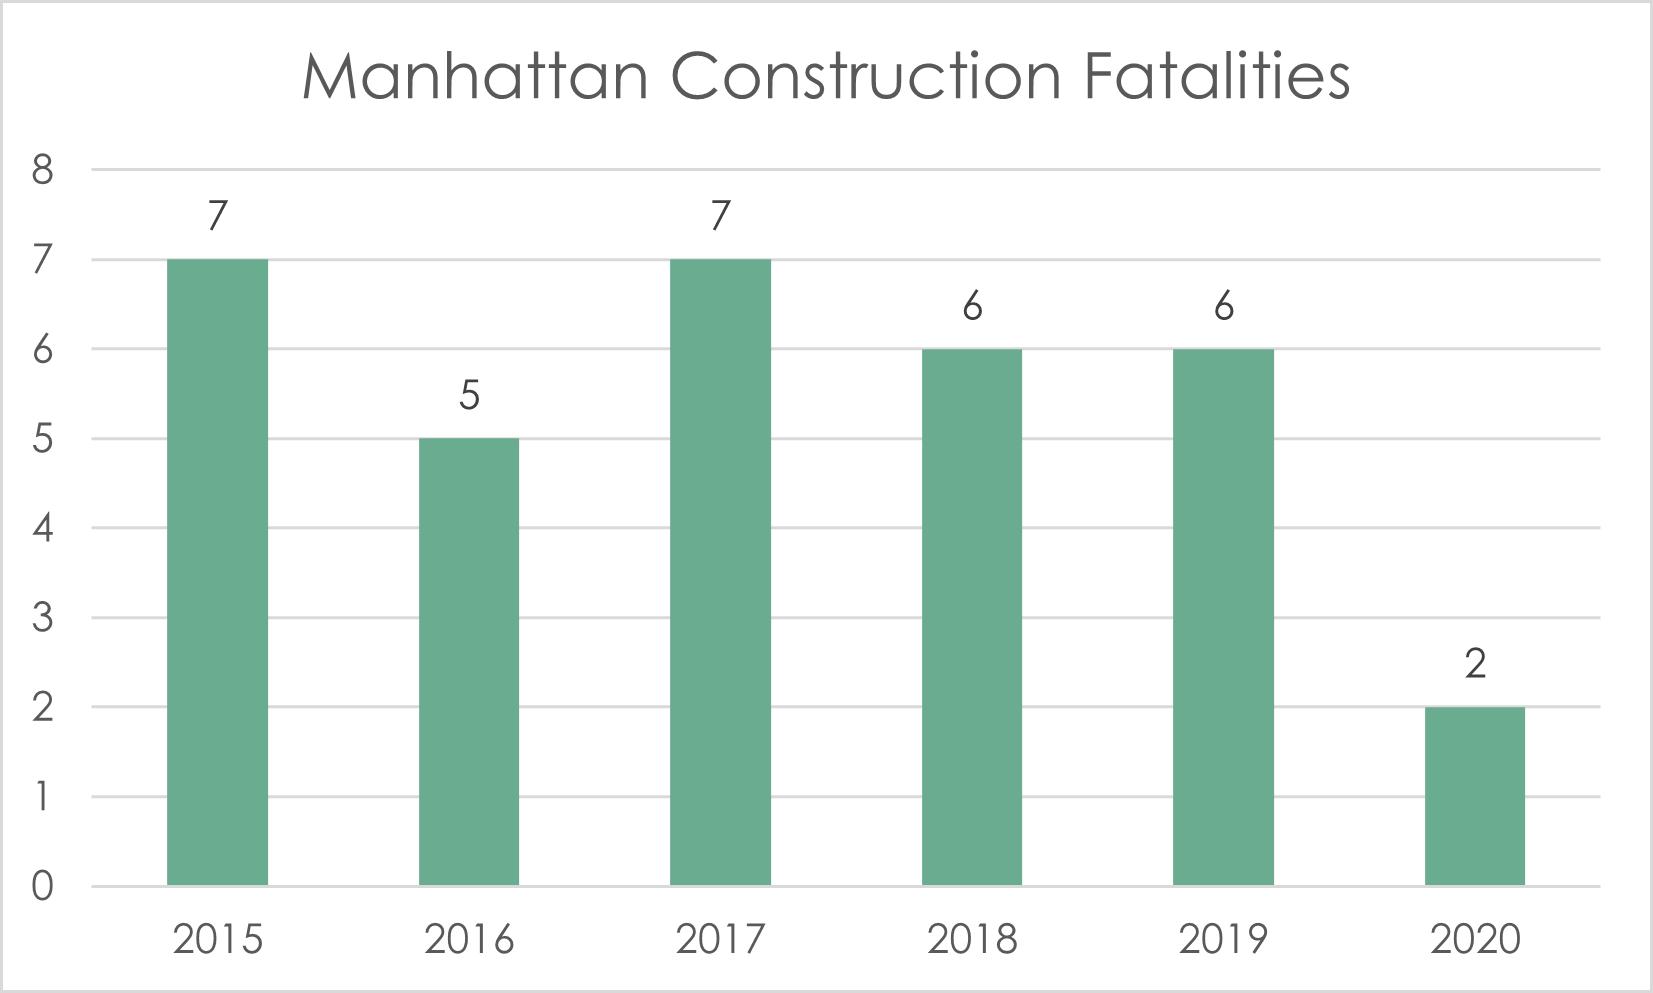 Manhattan construction fatalities 2020